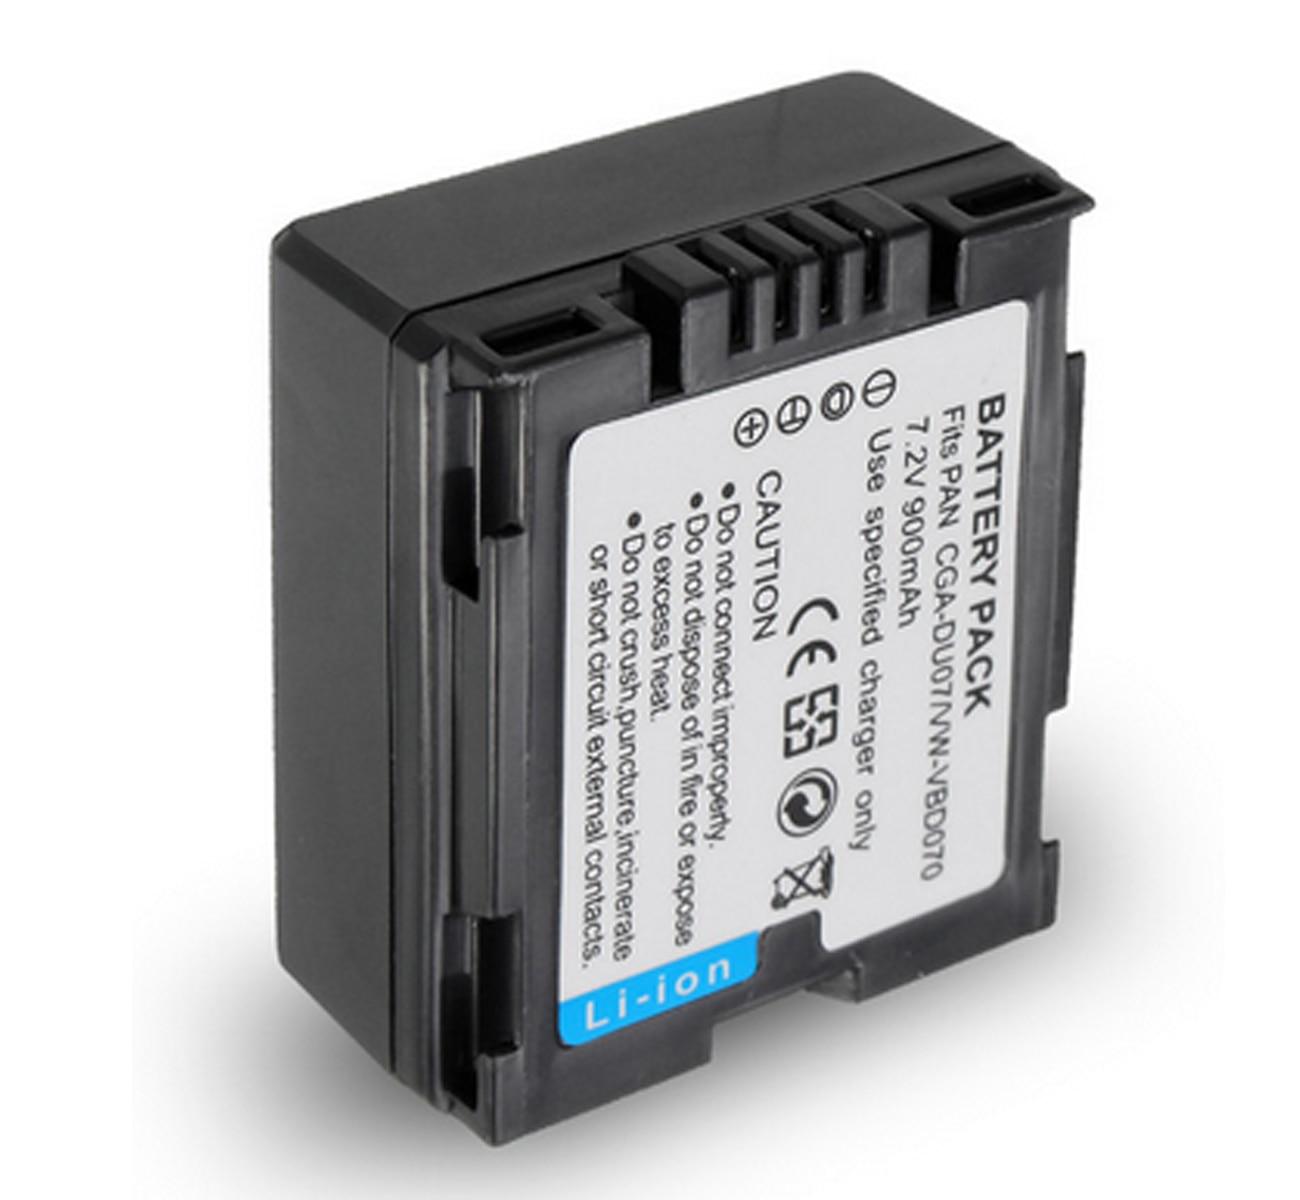 DZ-MV580A Camcorder DZ-MV380A Battery Charger for Hitachi DZ-MV350A DZ-MV550A